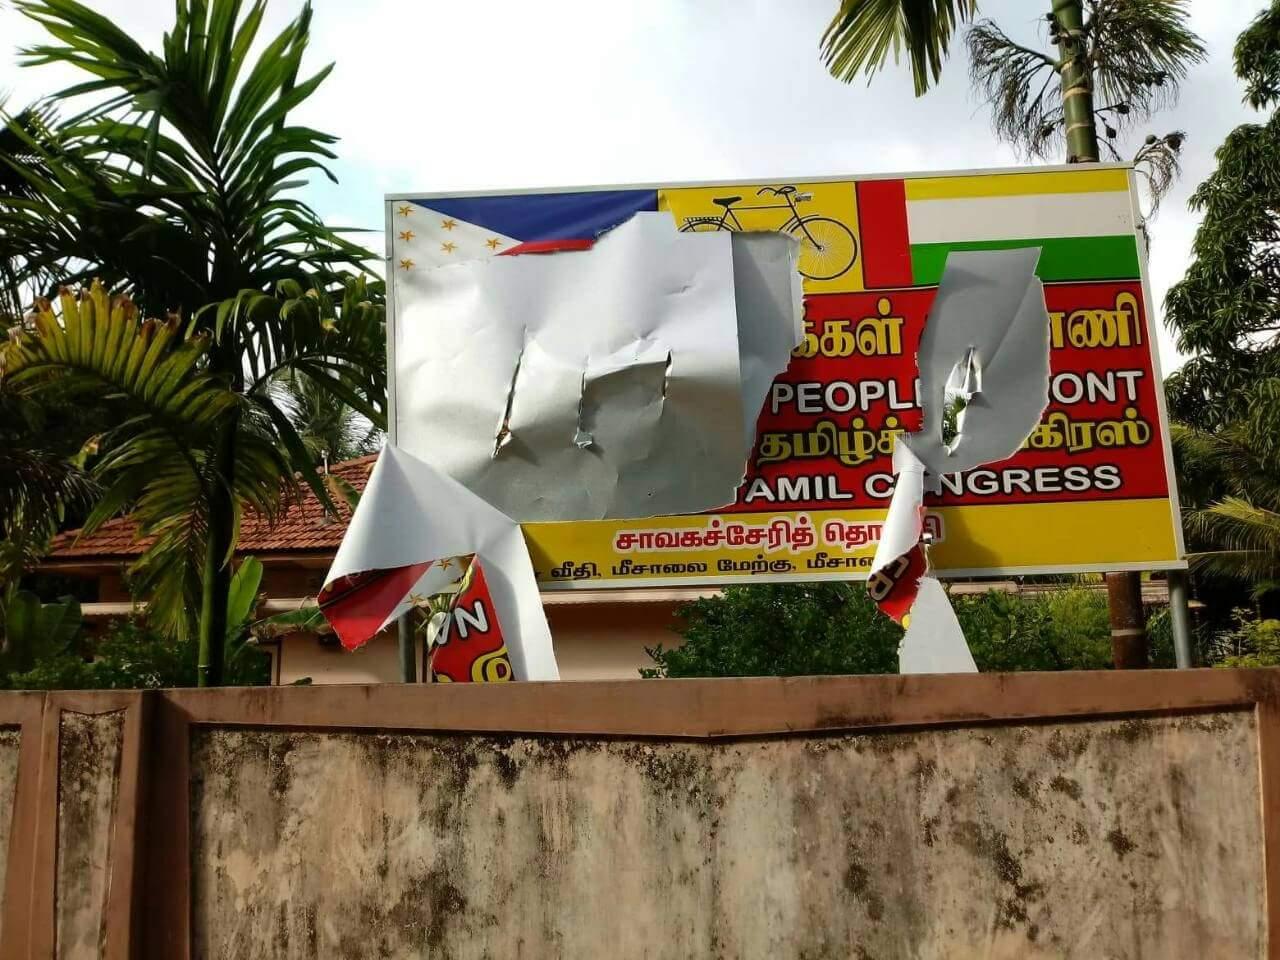 தமிழ்த் தேசிய மக்கள் முன்னணியின் சாவகச்சேரி அலுவலகம் மீது தாக்குதல்